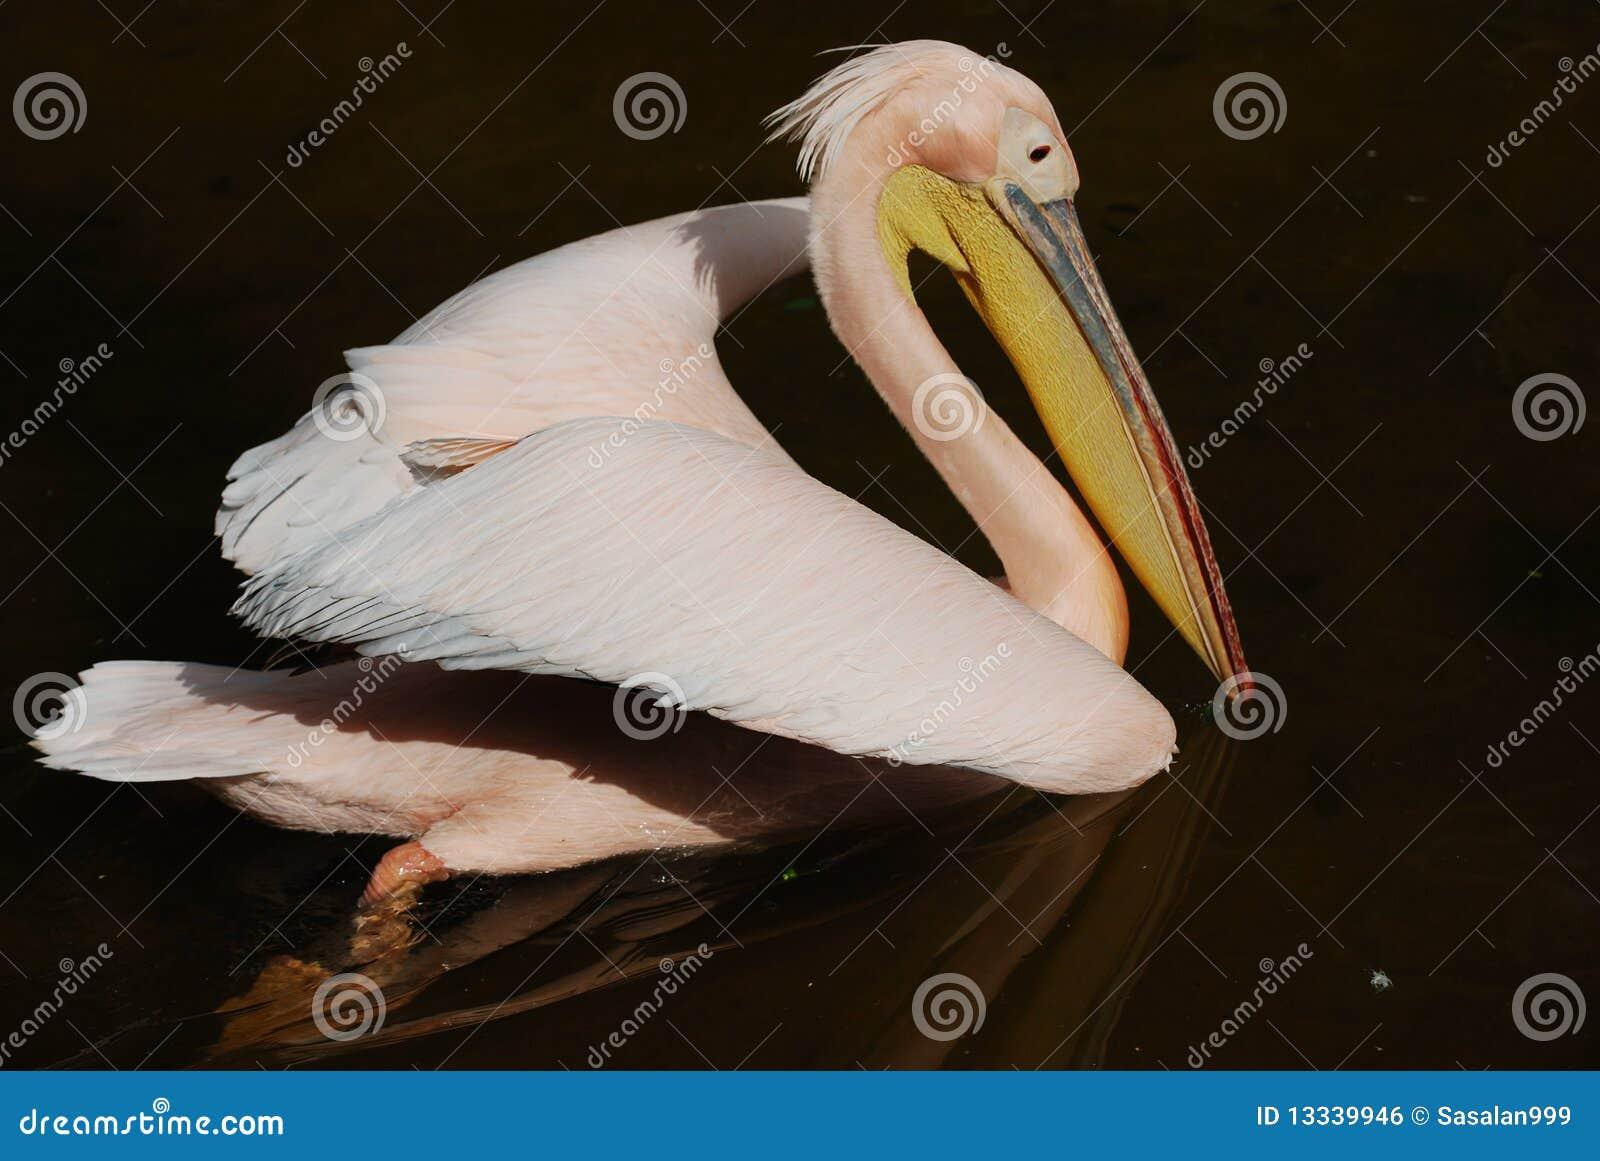 Pelikana staw